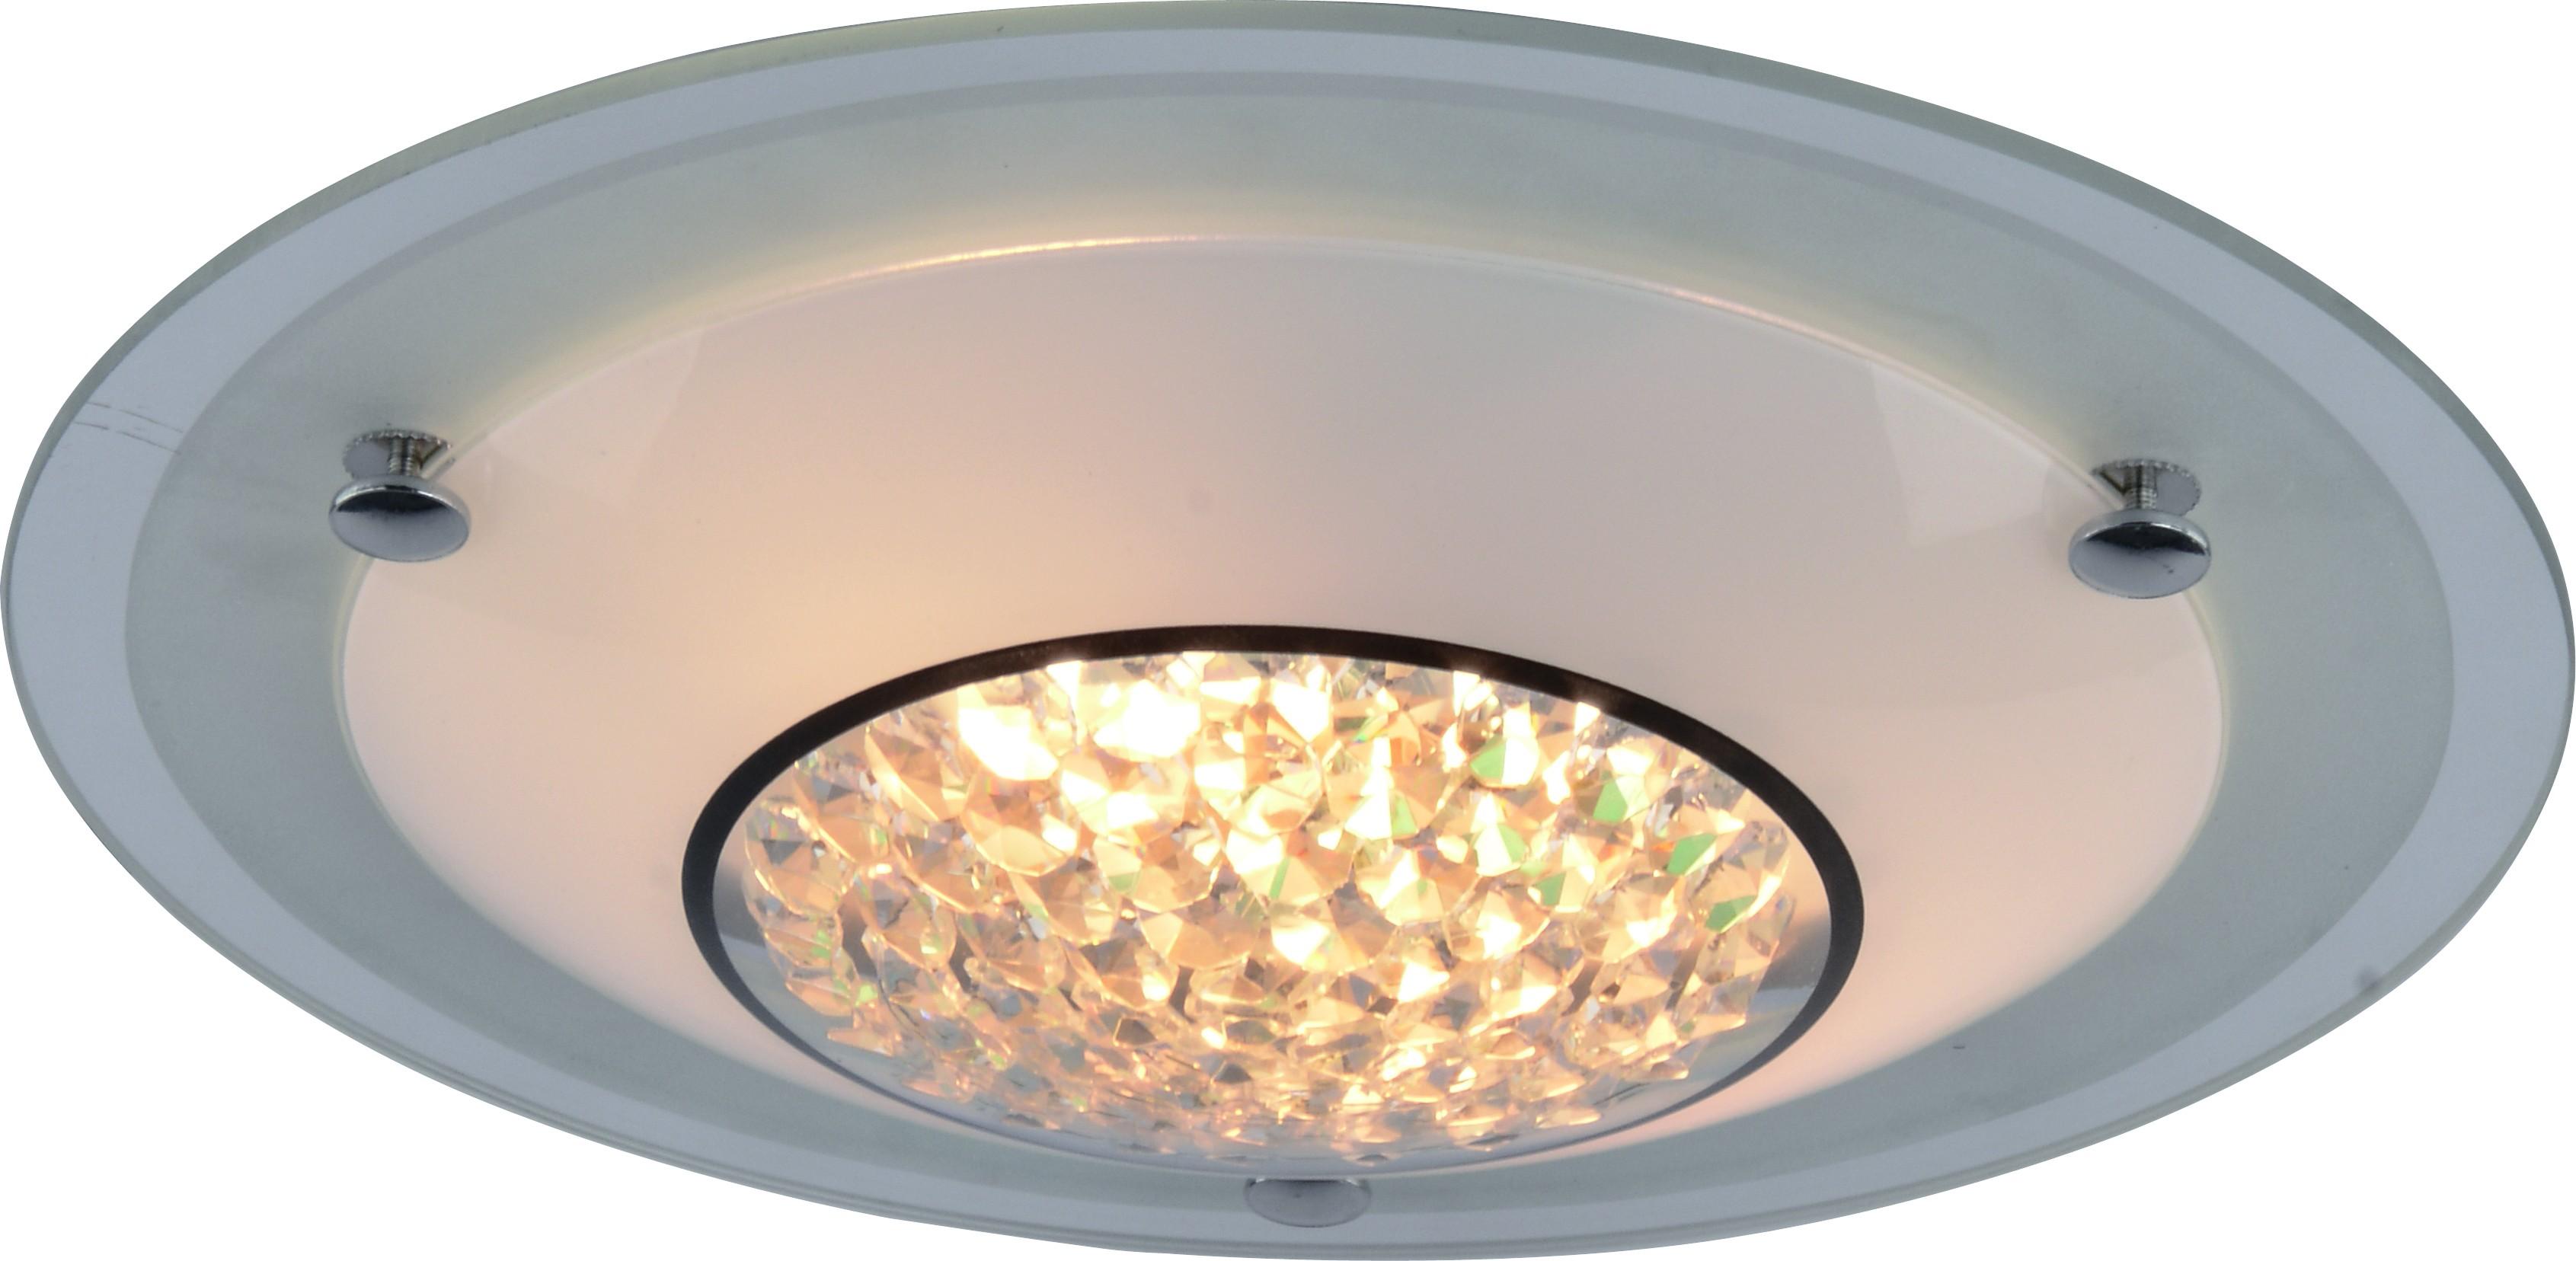 Светильник настенно-потолочный Arte lamp A4833pl-2cc накладной светильник arte lamp giselle a4833pl 2cc